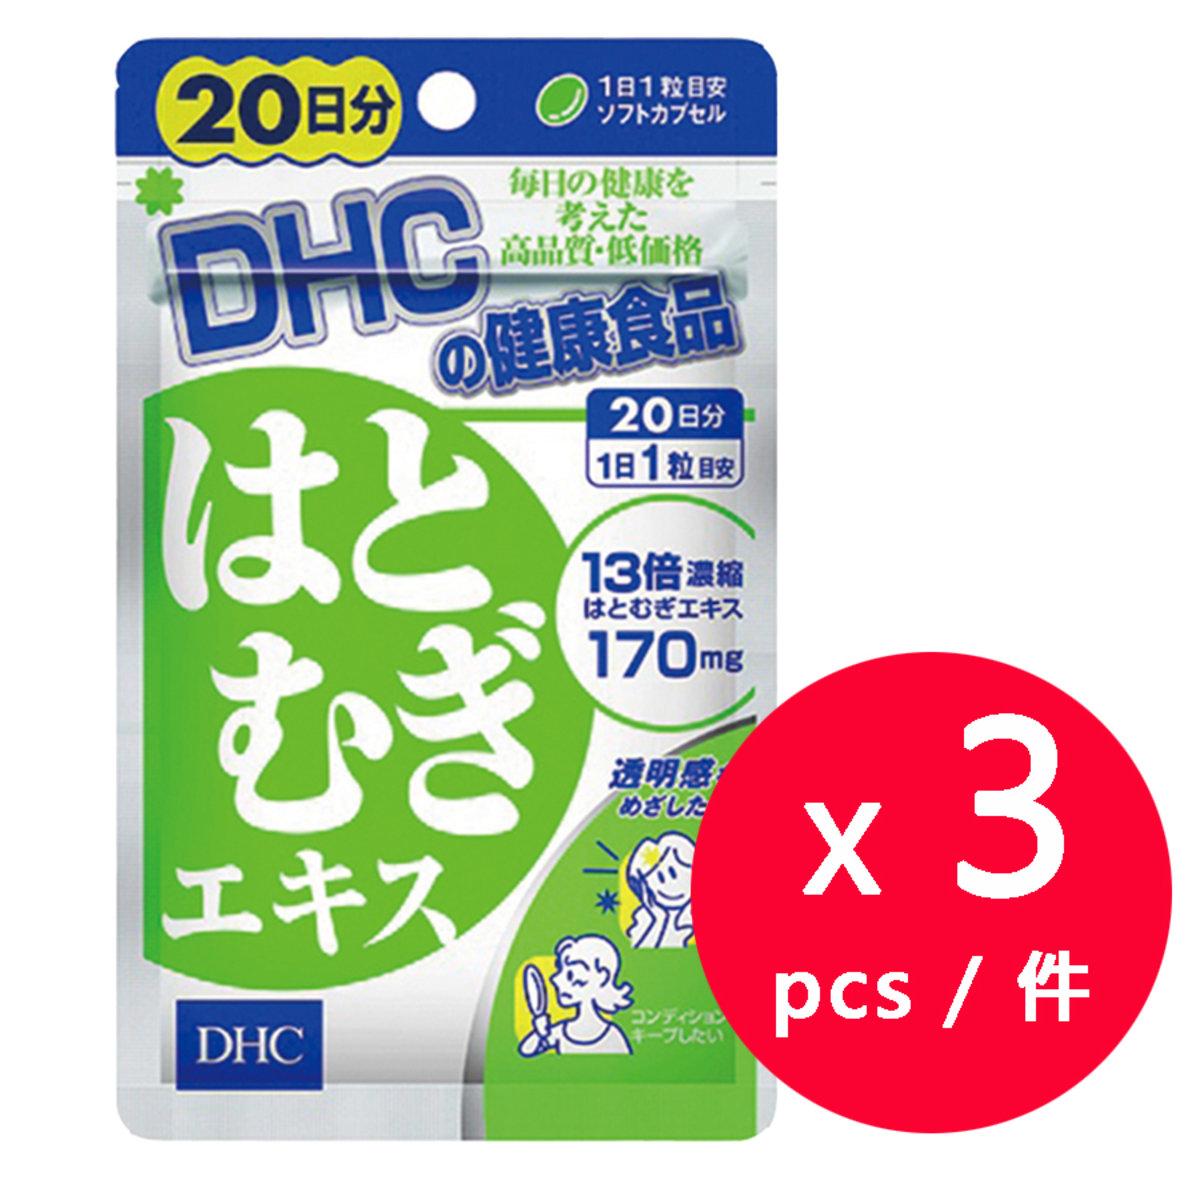 DHC 薏仁美白濃縮精華營養素 (20日)20粒裝 x 3包 (平行進口)